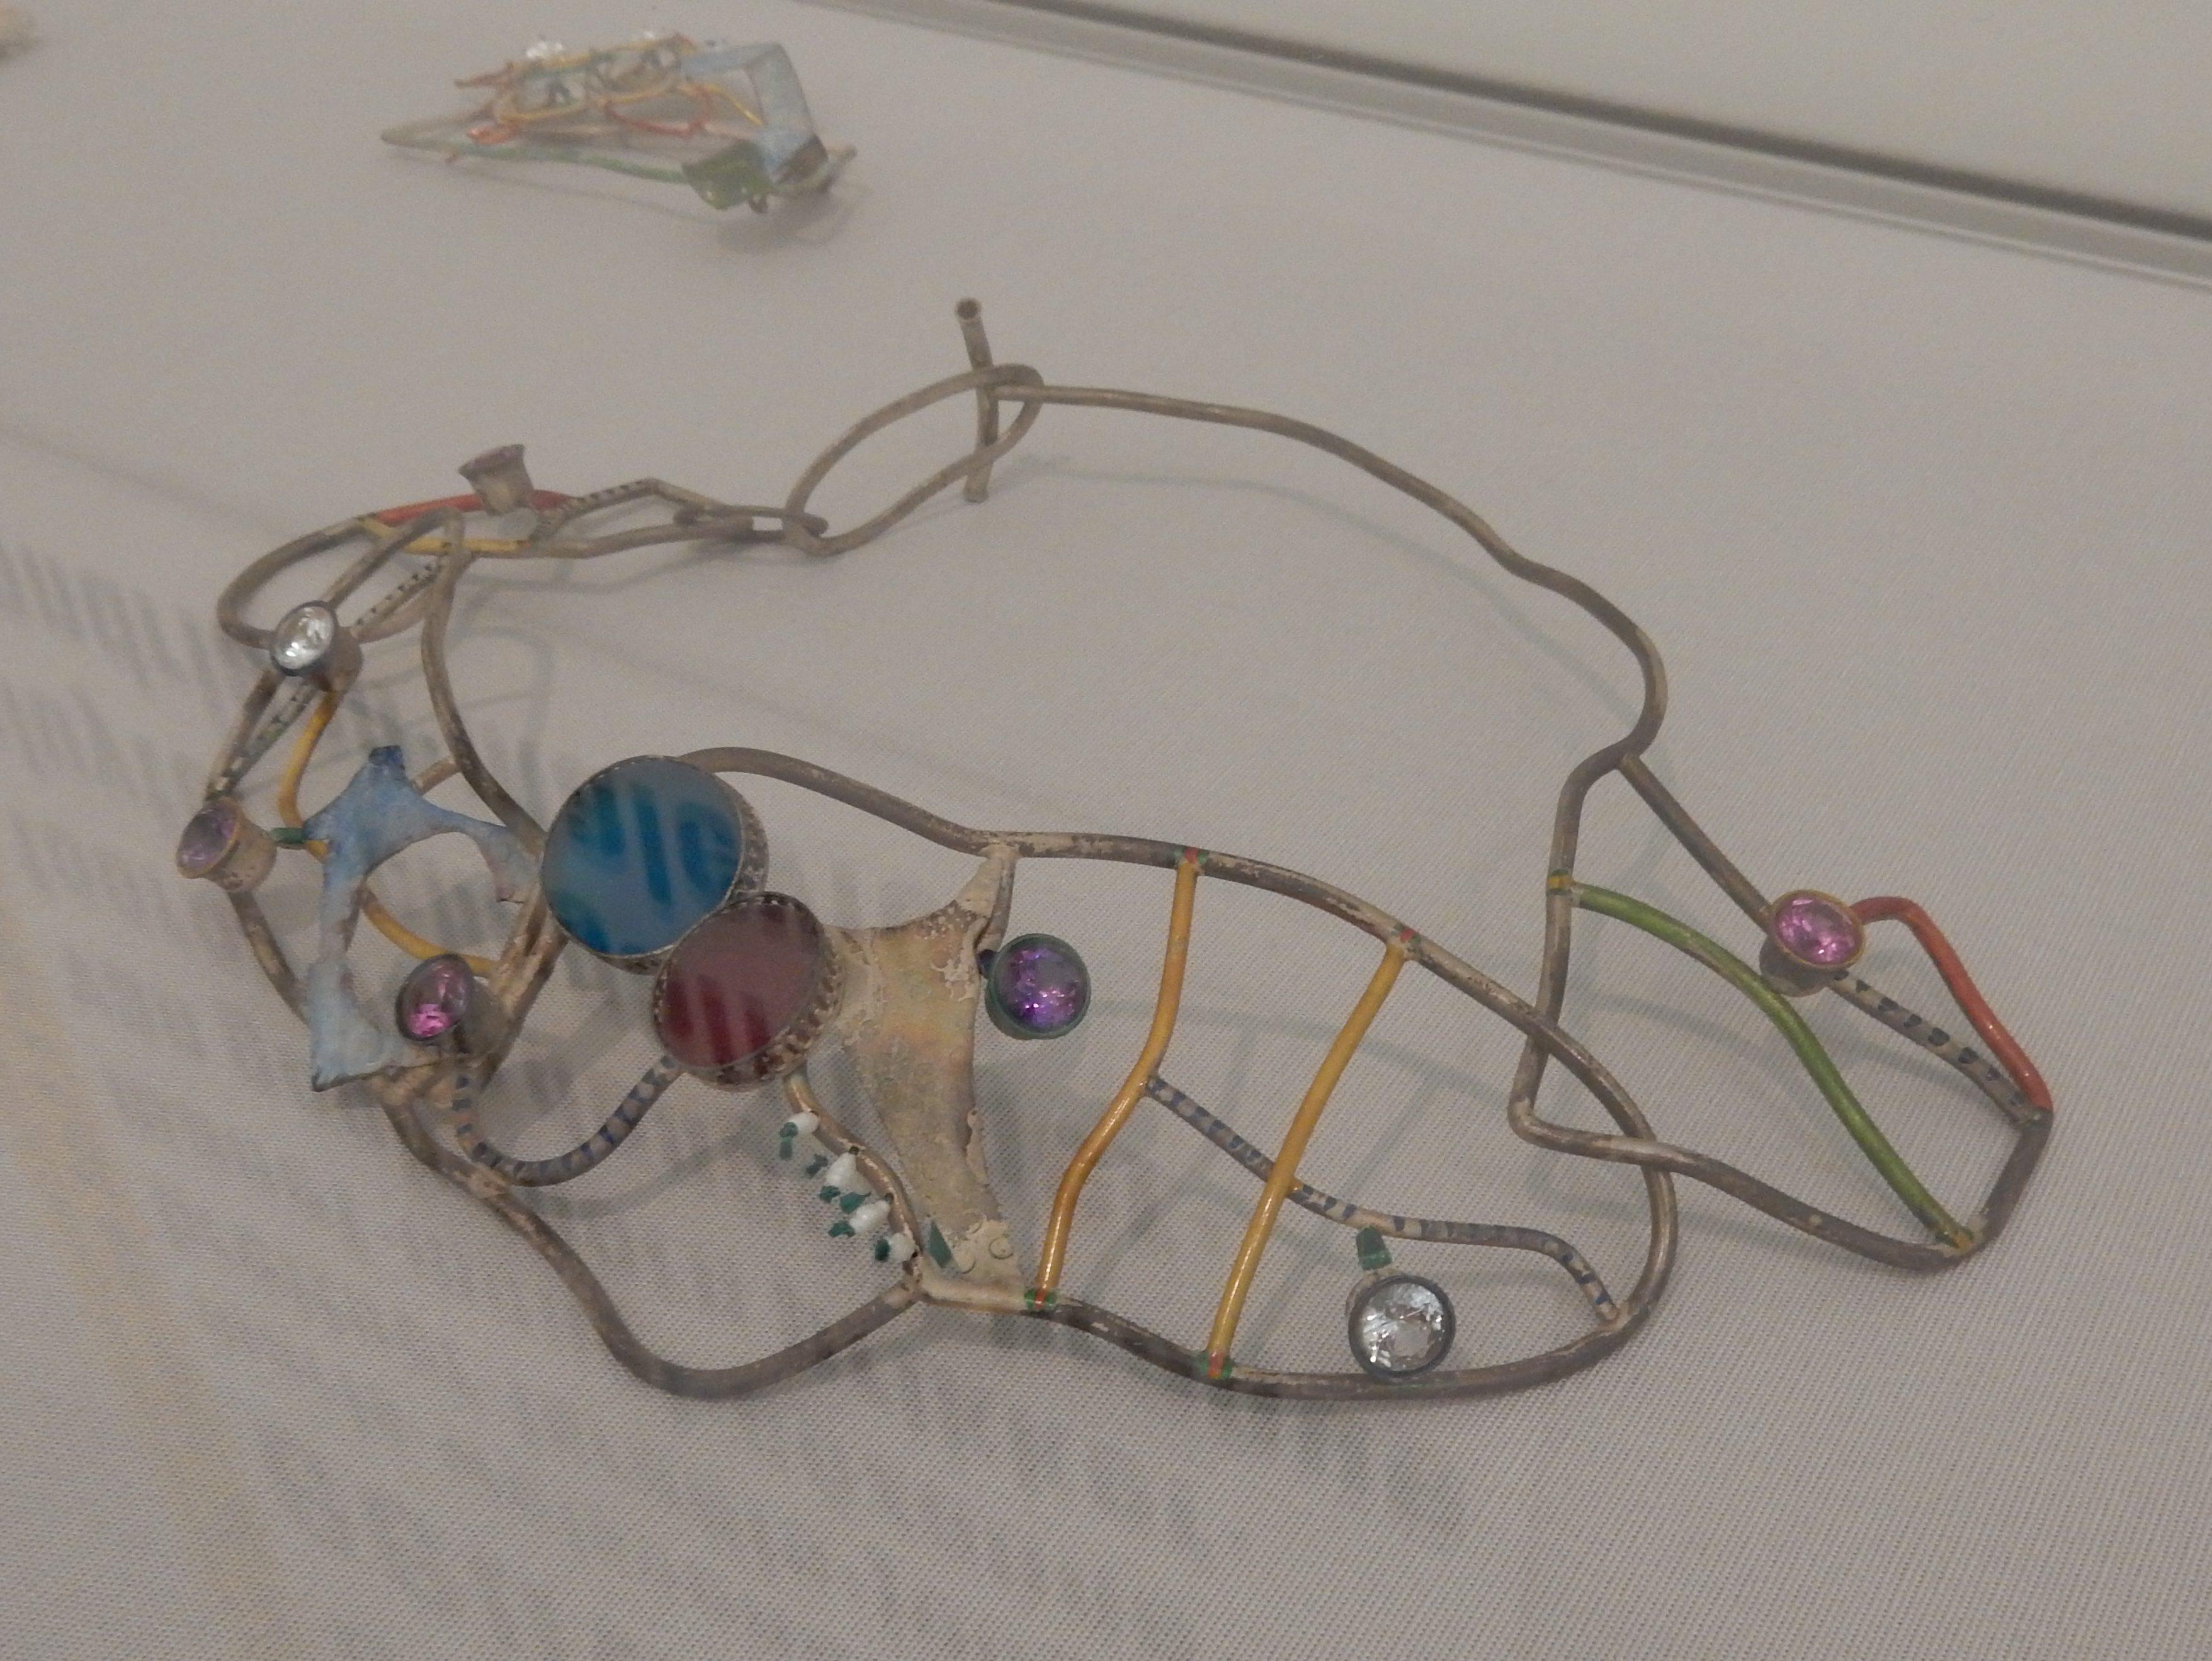 Marion Herbst, halssieraad, zilver, glas, en synthetische edelstenen, 1993. Getoond in het Stedelijk Museum Amsterdam, 2016. Foto Esther Doornbusch, CC BY 4.0